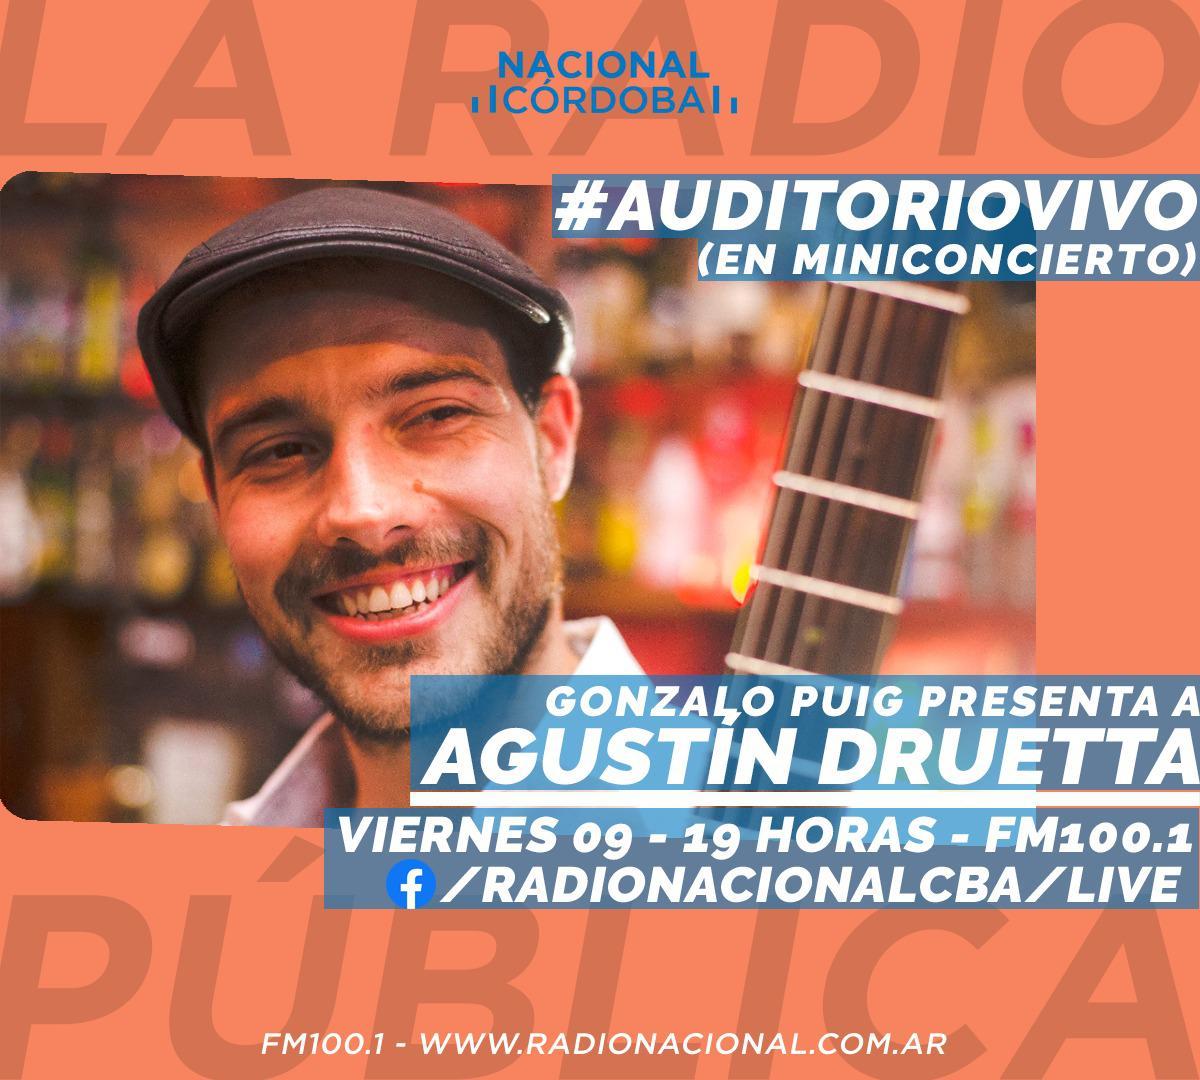 Auditorio Vivo Radio Nacional Agustin Druetta